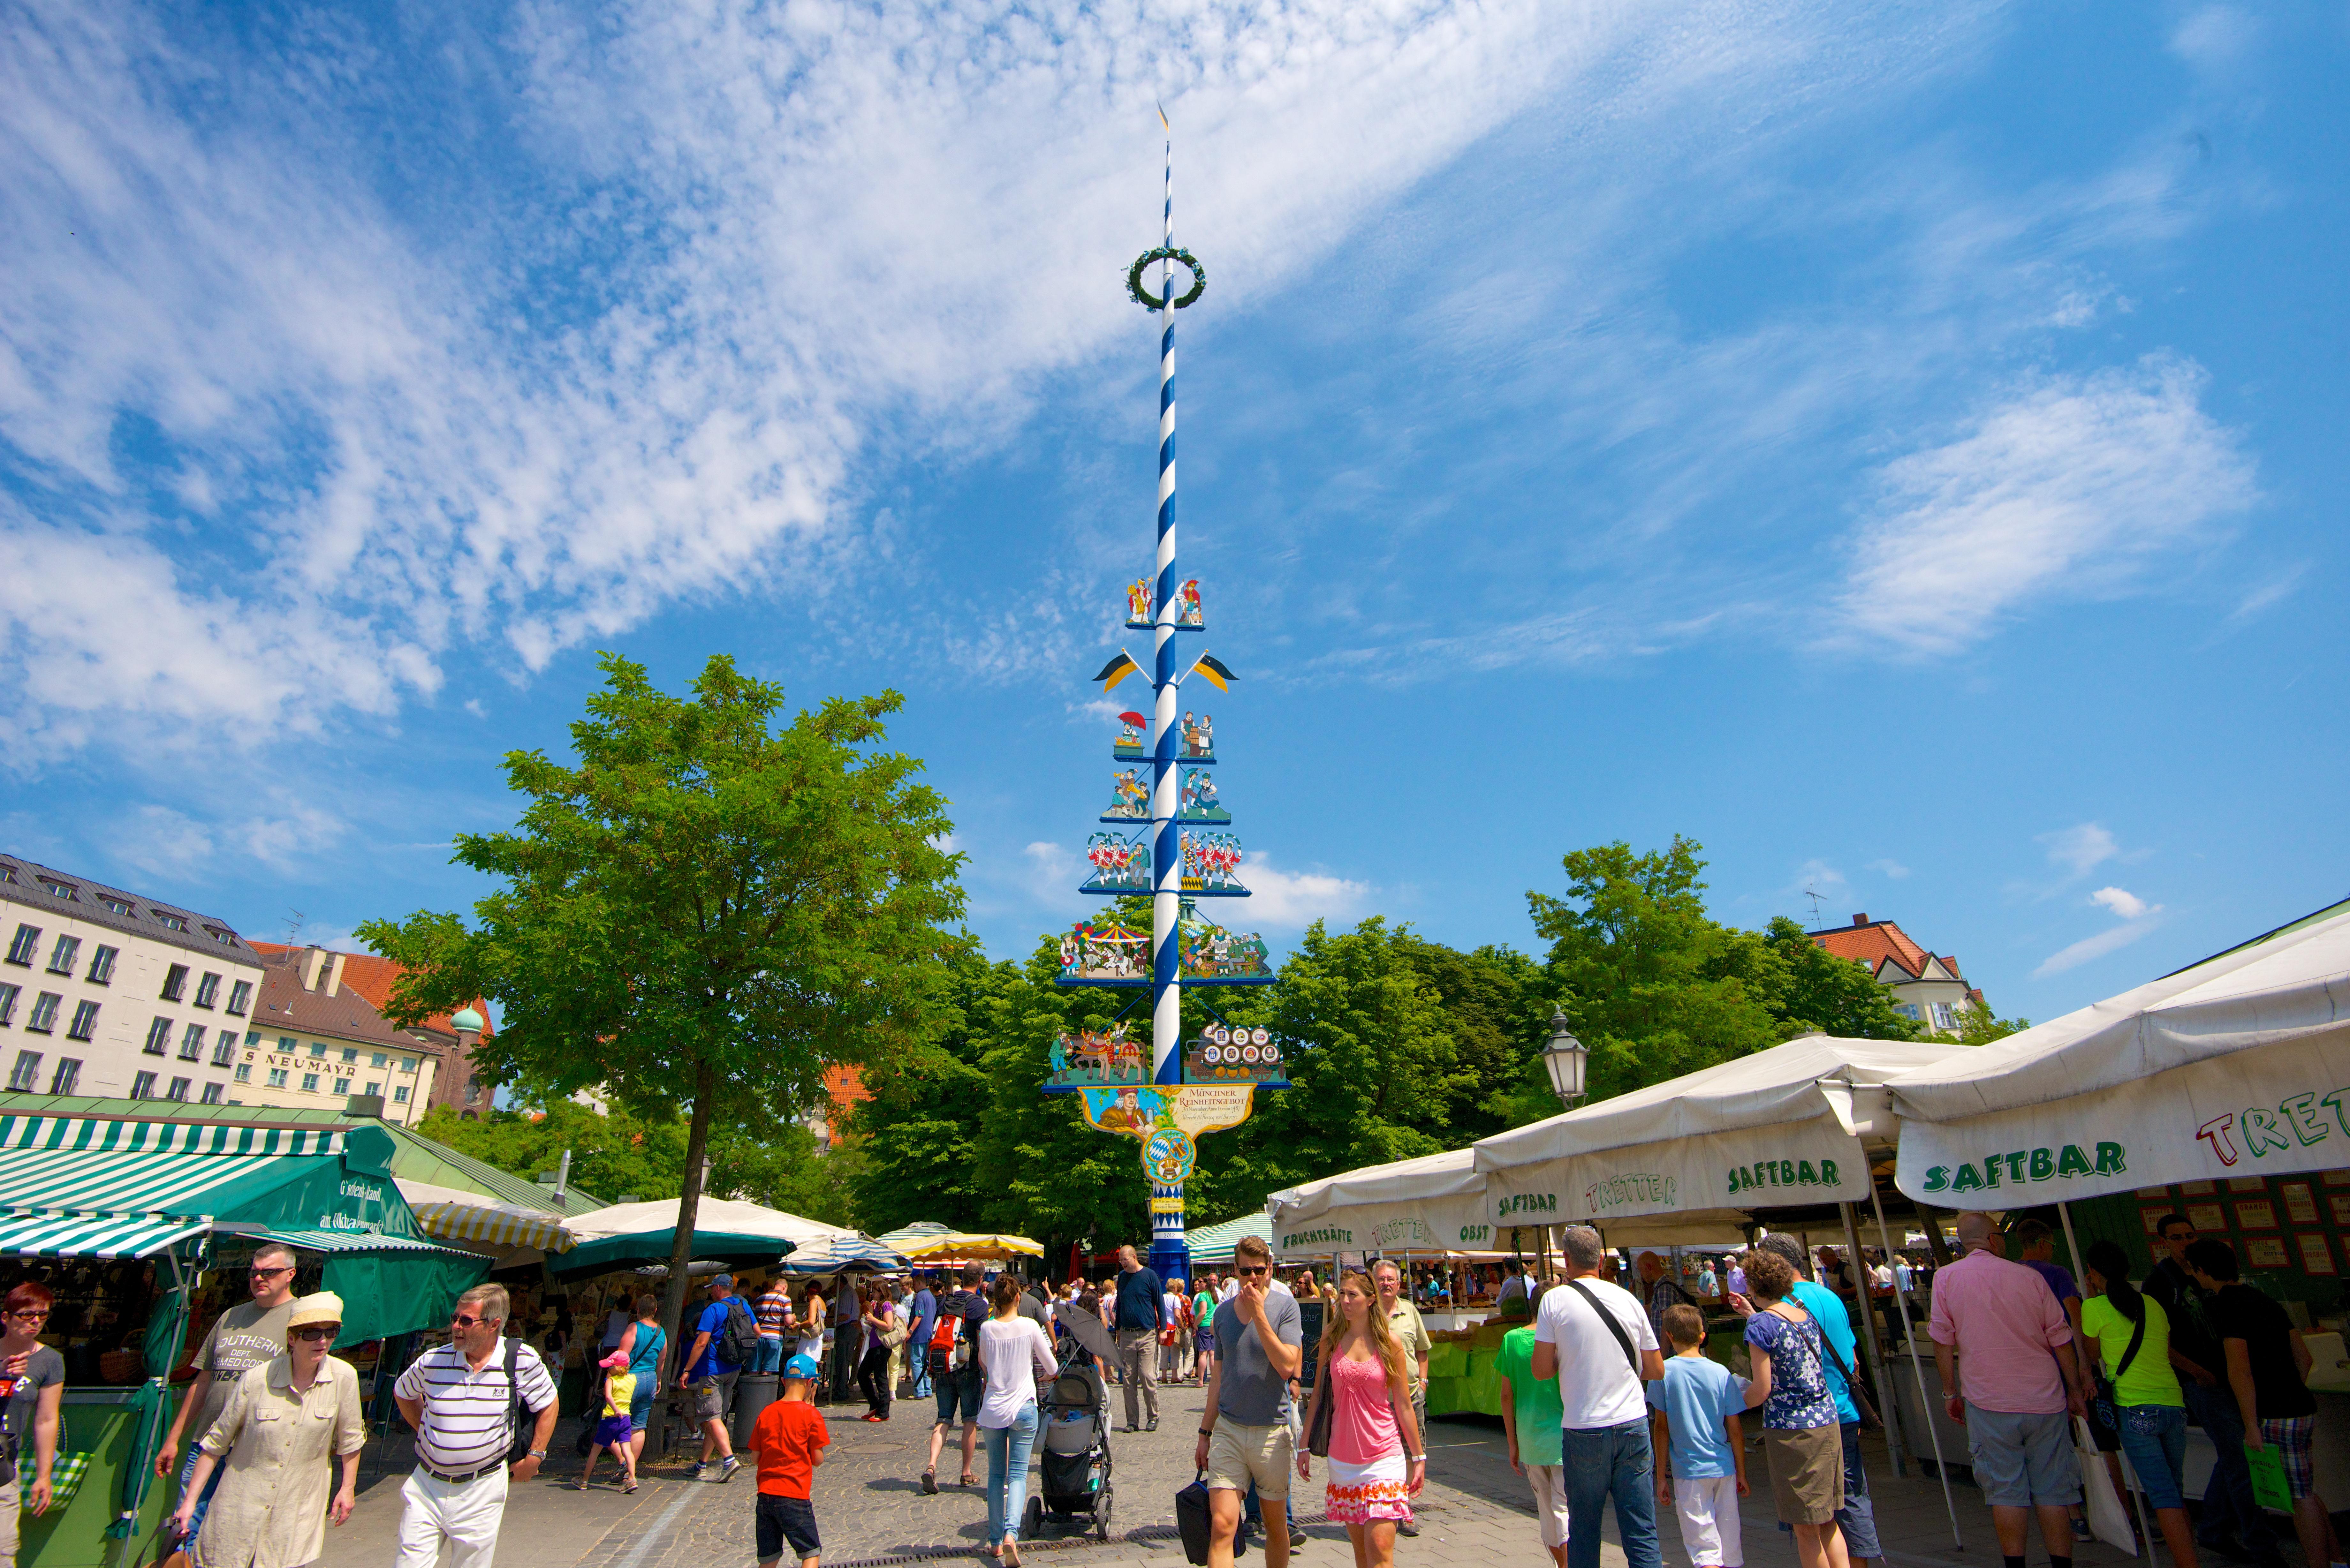 Imagebox_-_Viktualienmarkt.jpg?1549553878